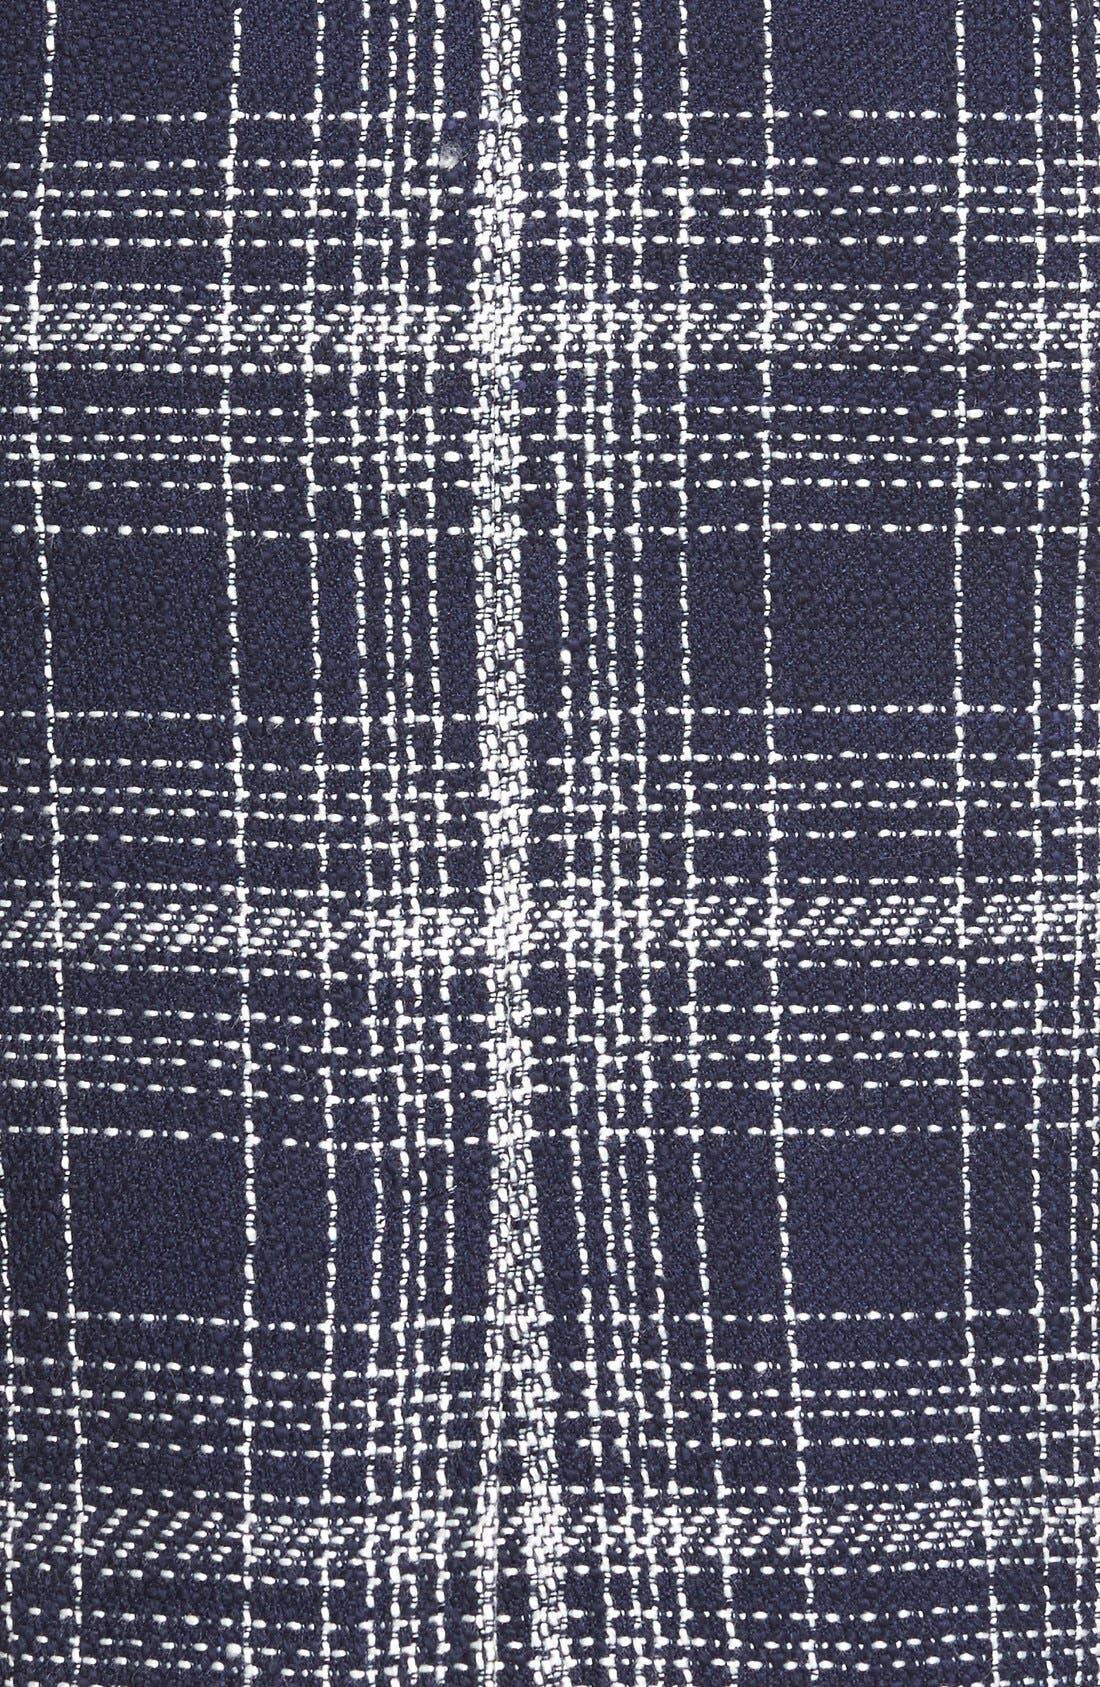 Flap Pocket Tweed Pencil Skirt,                             Alternate thumbnail 6, color,                             Navy Tweed